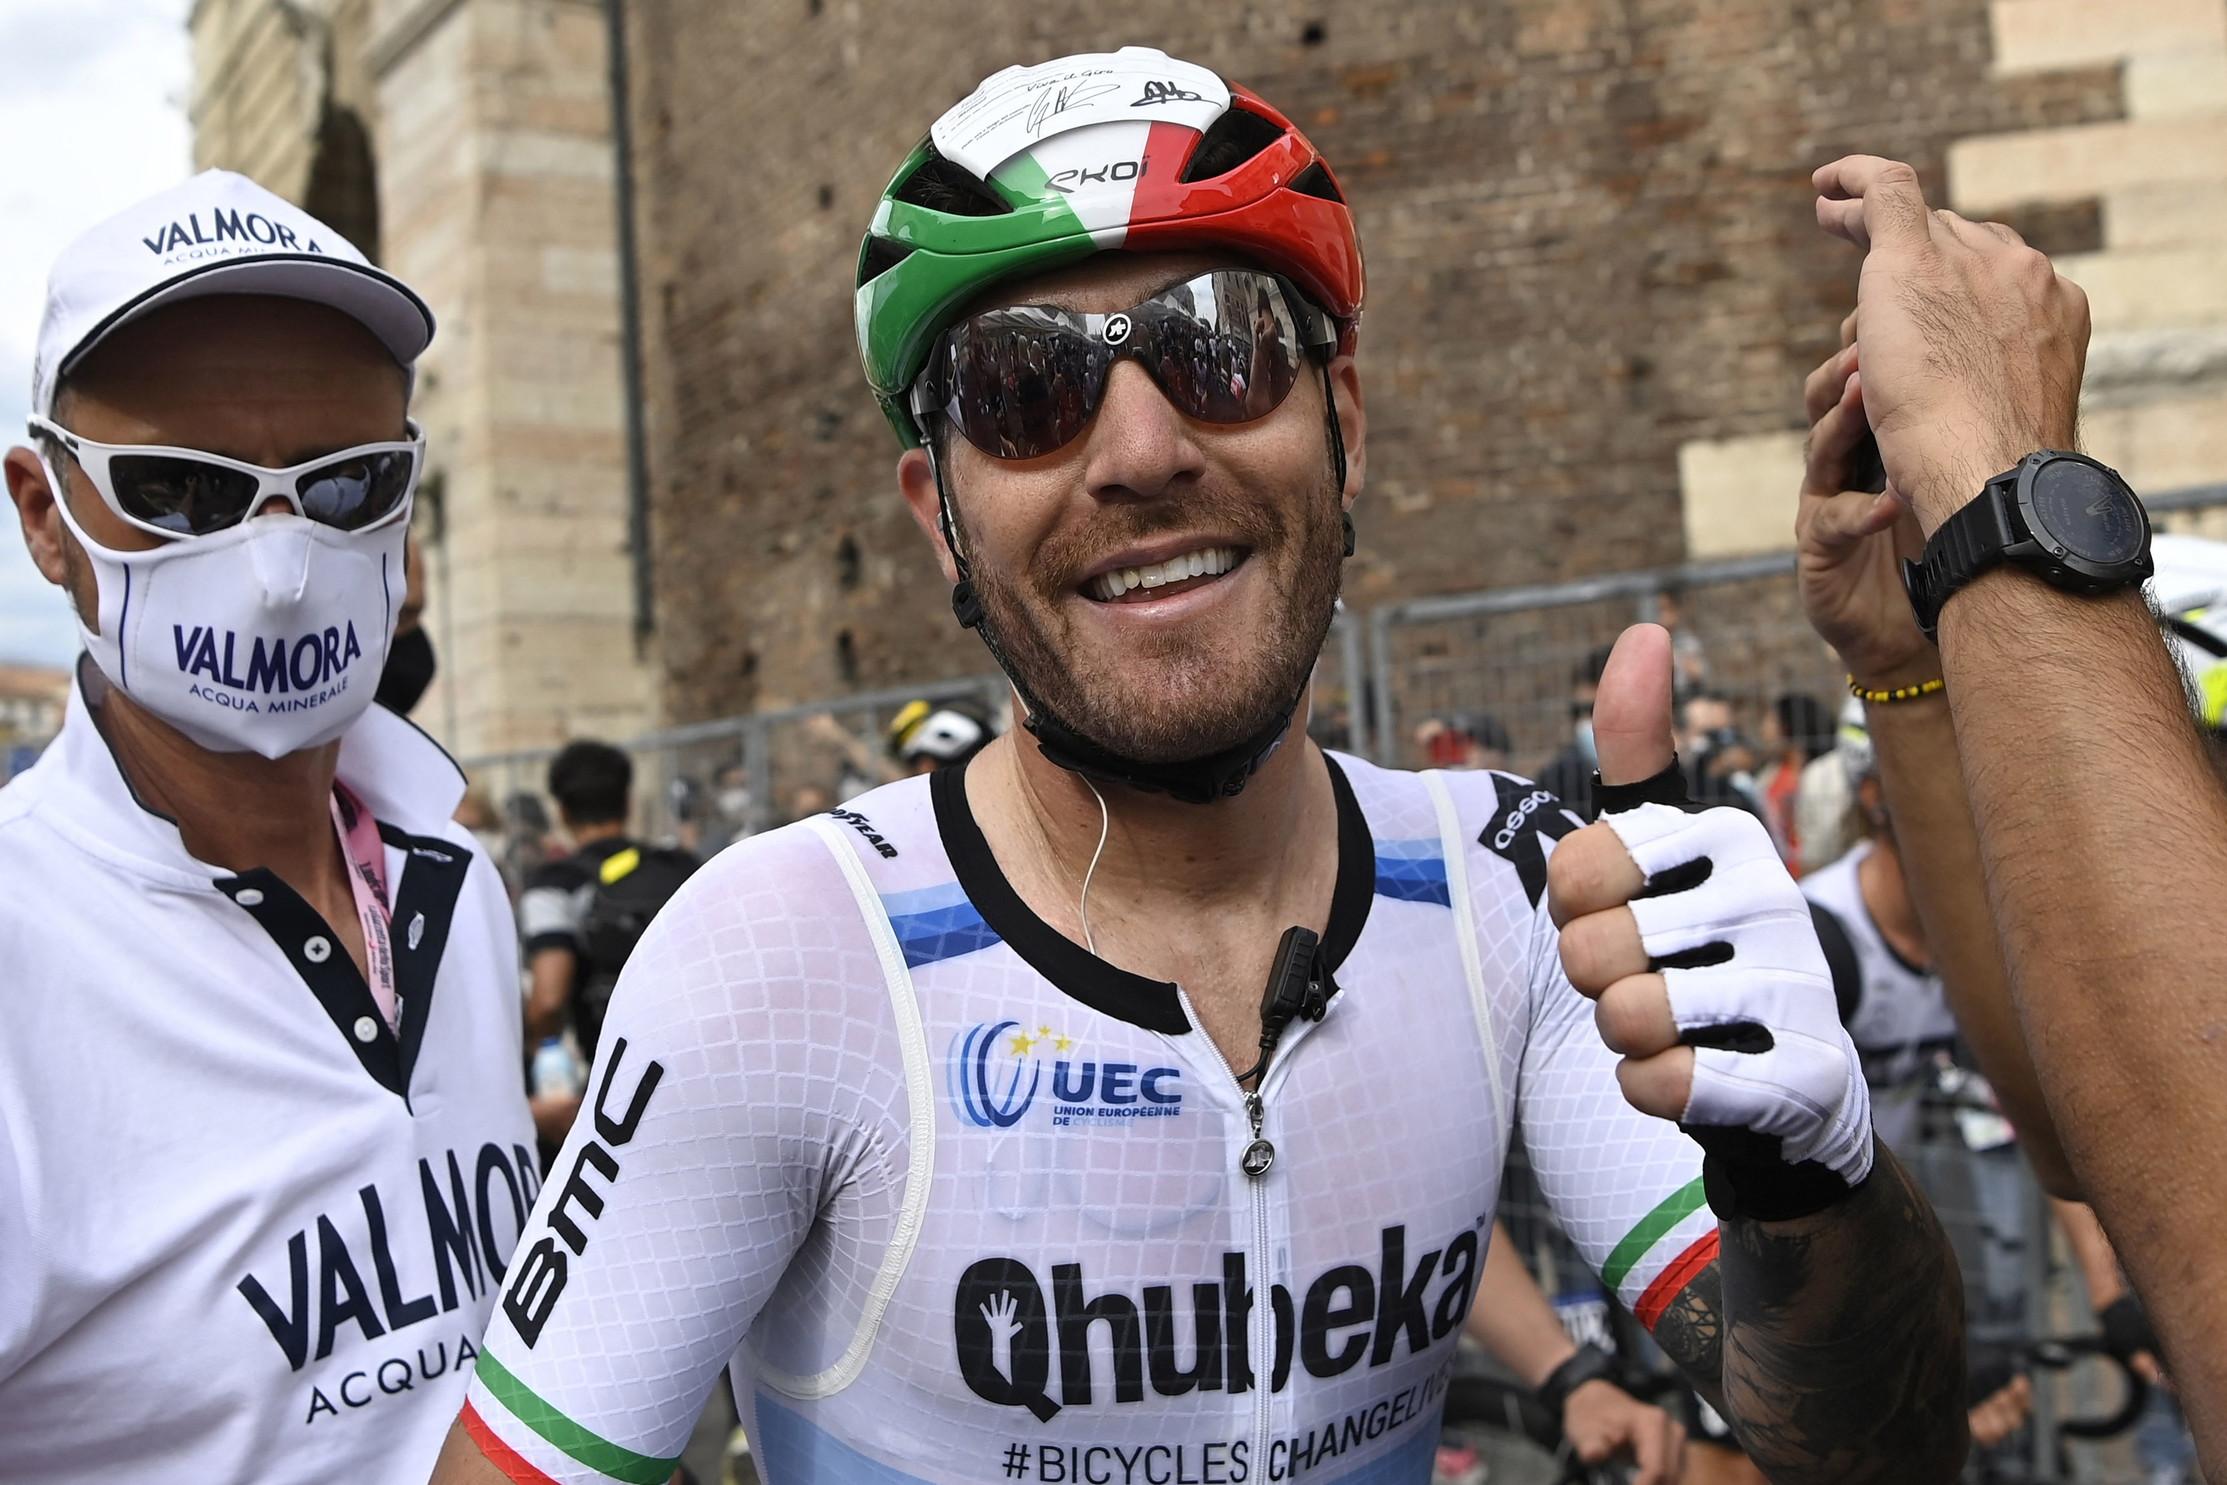 Giacomo Nizzolo ha vinto in volata la tappa Ravenna-Verona di 198 km. Al secondo e terzo posto si sono classificati rispettivamente Edoardo Affini e Peter Sagan.